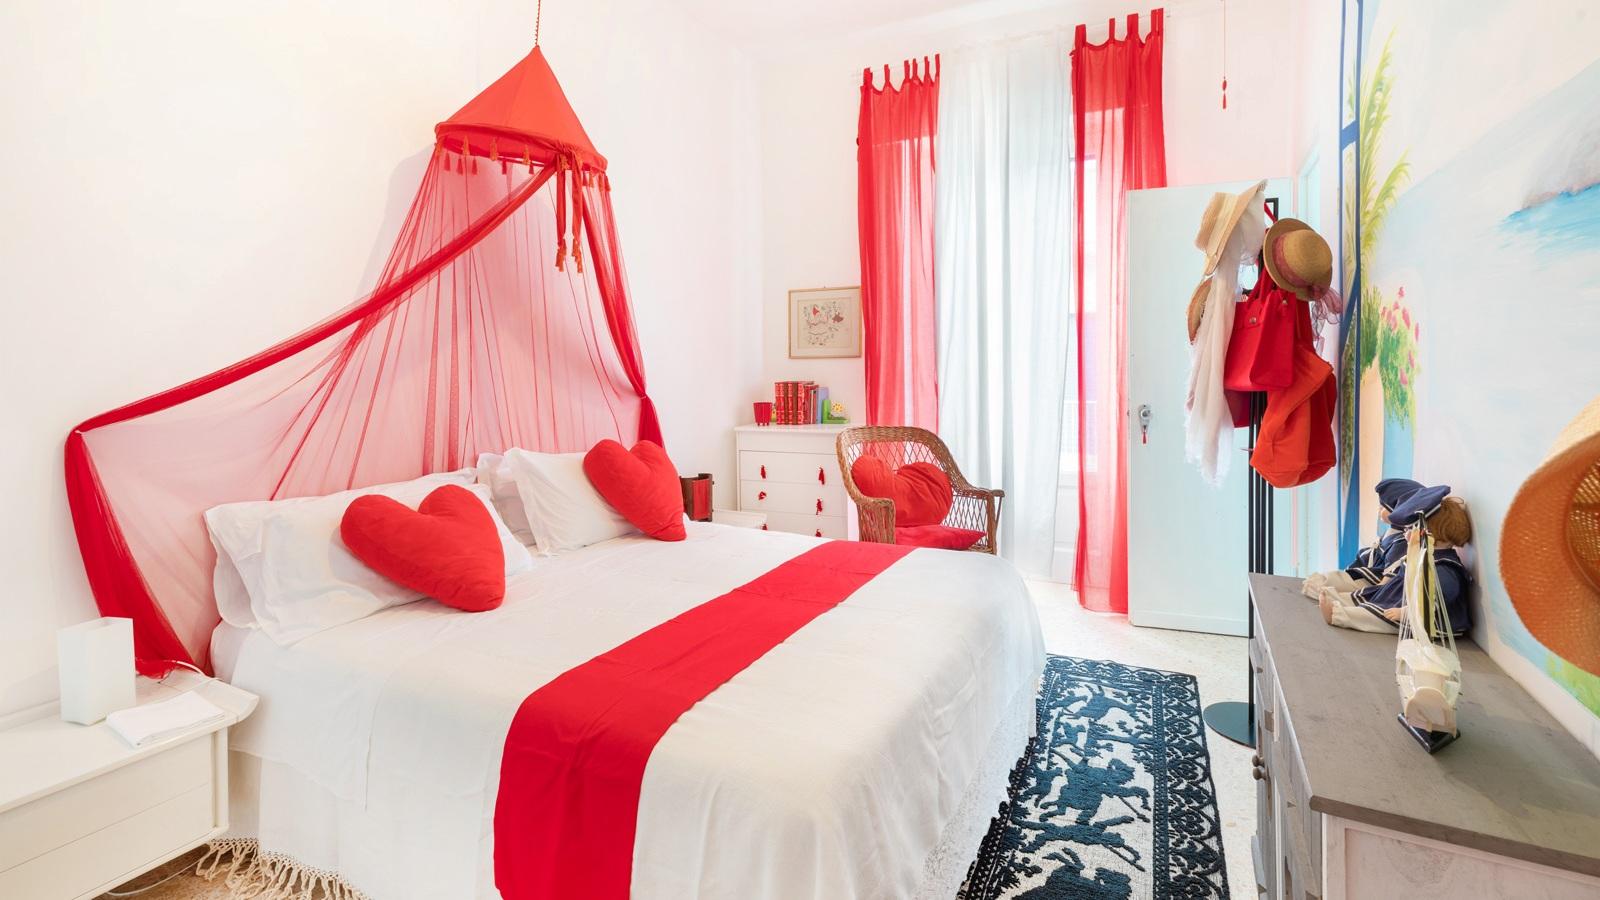 vacanze ostuni casa corallo letto matrimoniale